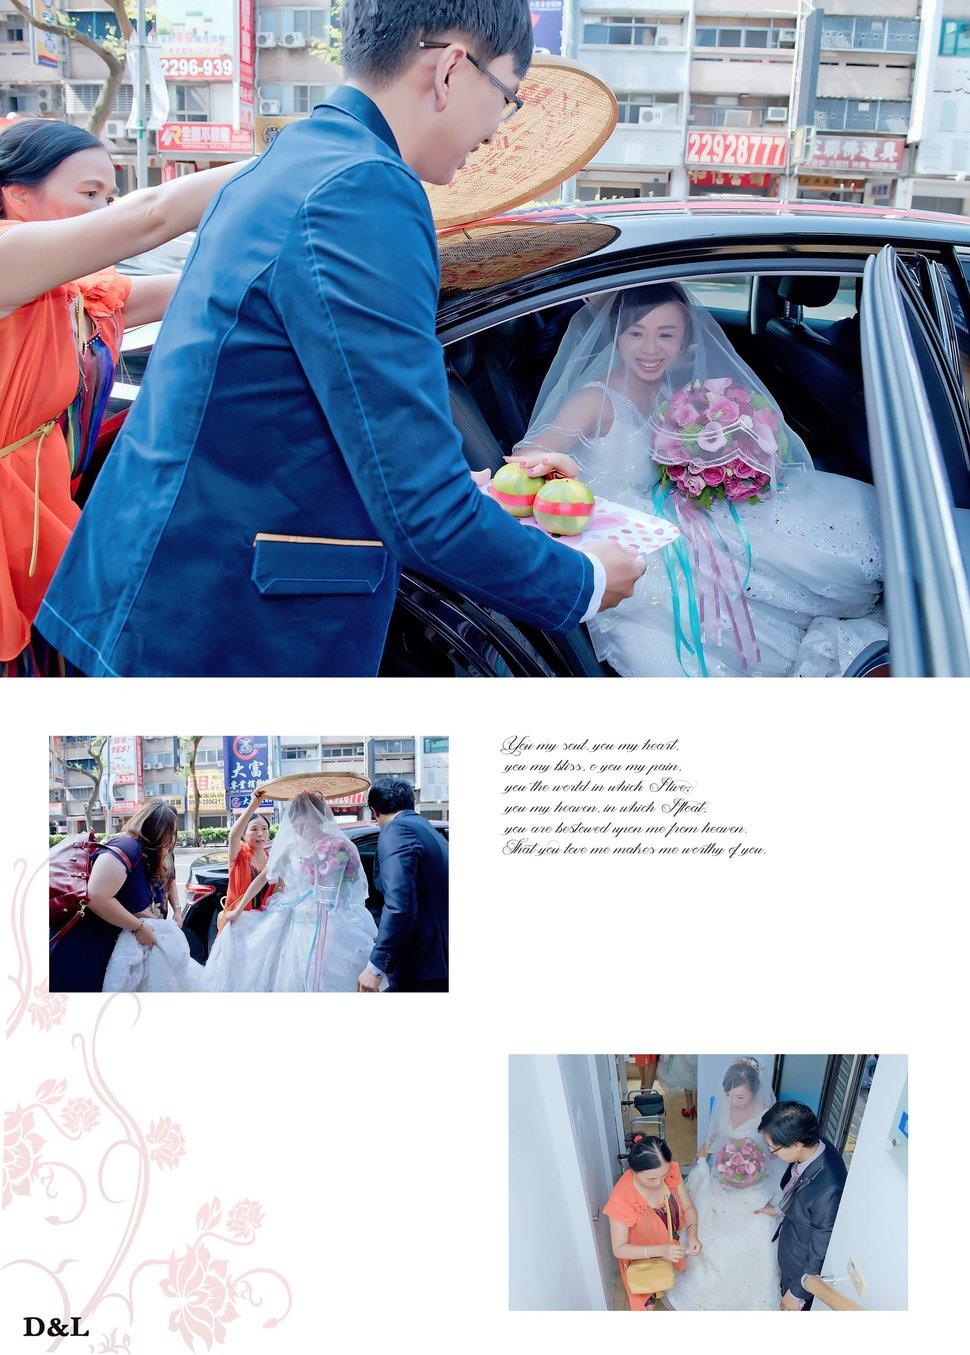 台中婚攝 婚禮記錄 訂結午宴 球愛物語景觀婚禮會館 平面攝影(編號:374406) - D&L 婚禮事務-婚紗攝影/婚禮記錄 - 結婚吧